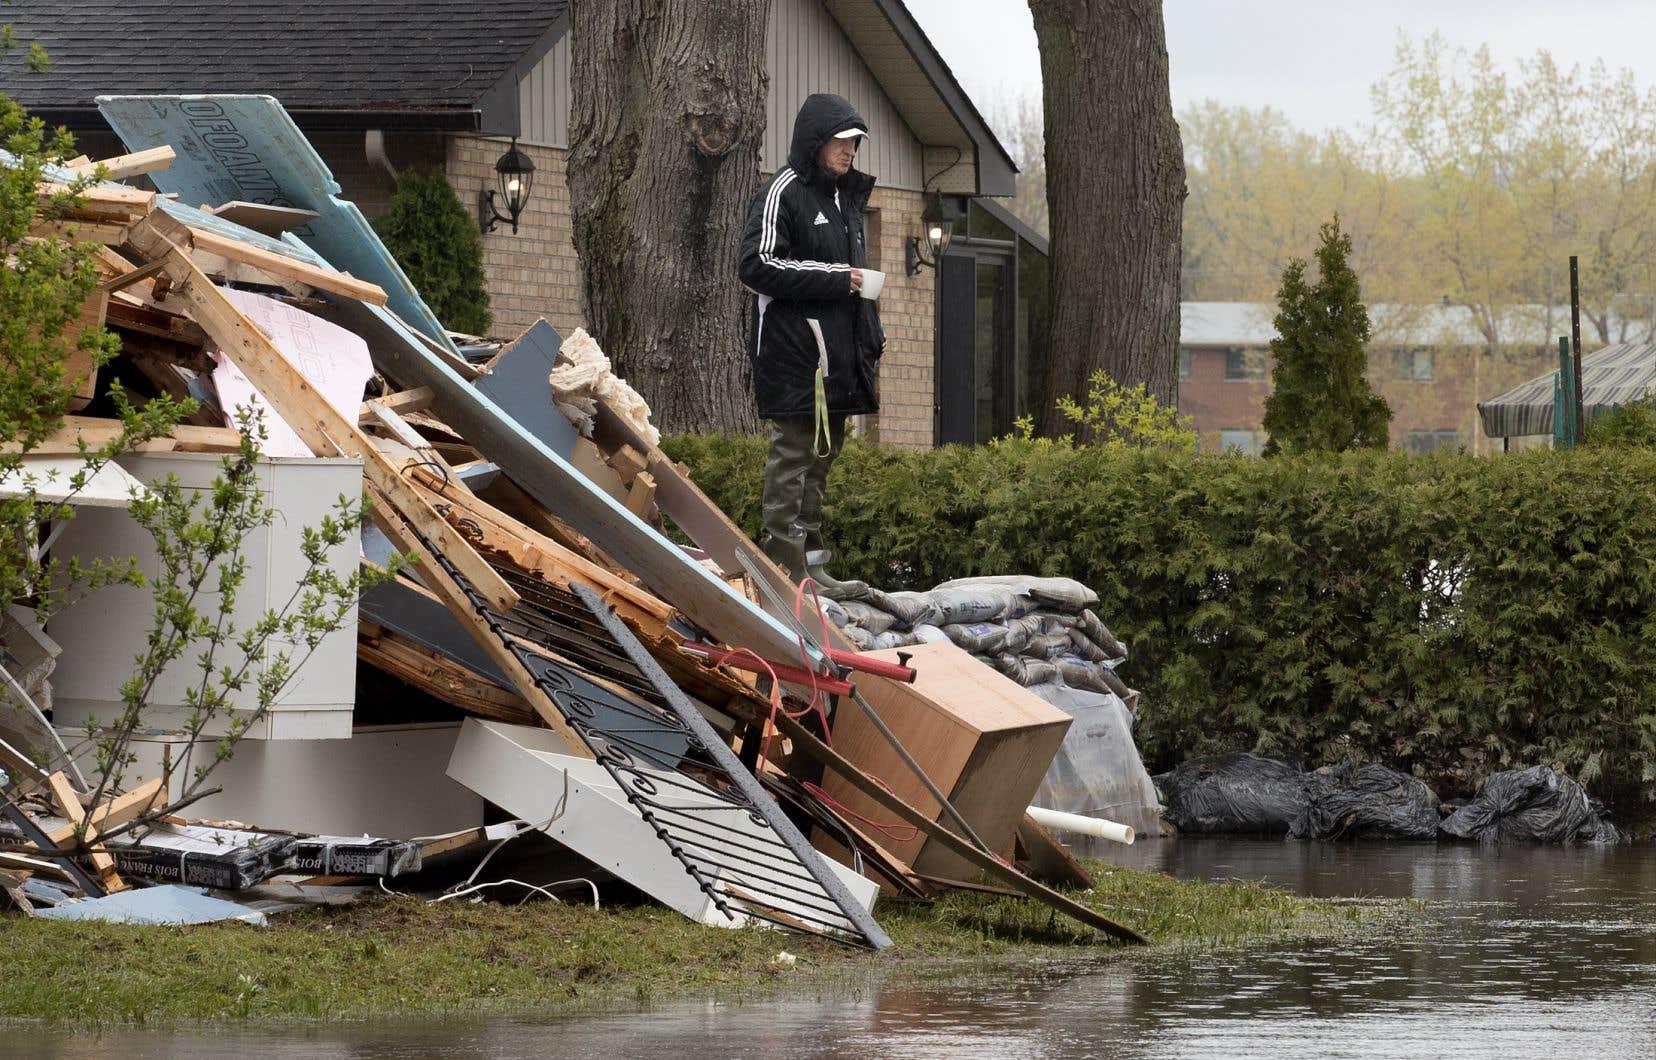 Un résidant de L'Île-Bizard profitant d'un moment de répit avant de poursuivre le nettoyage de sa maison, en mai 2017